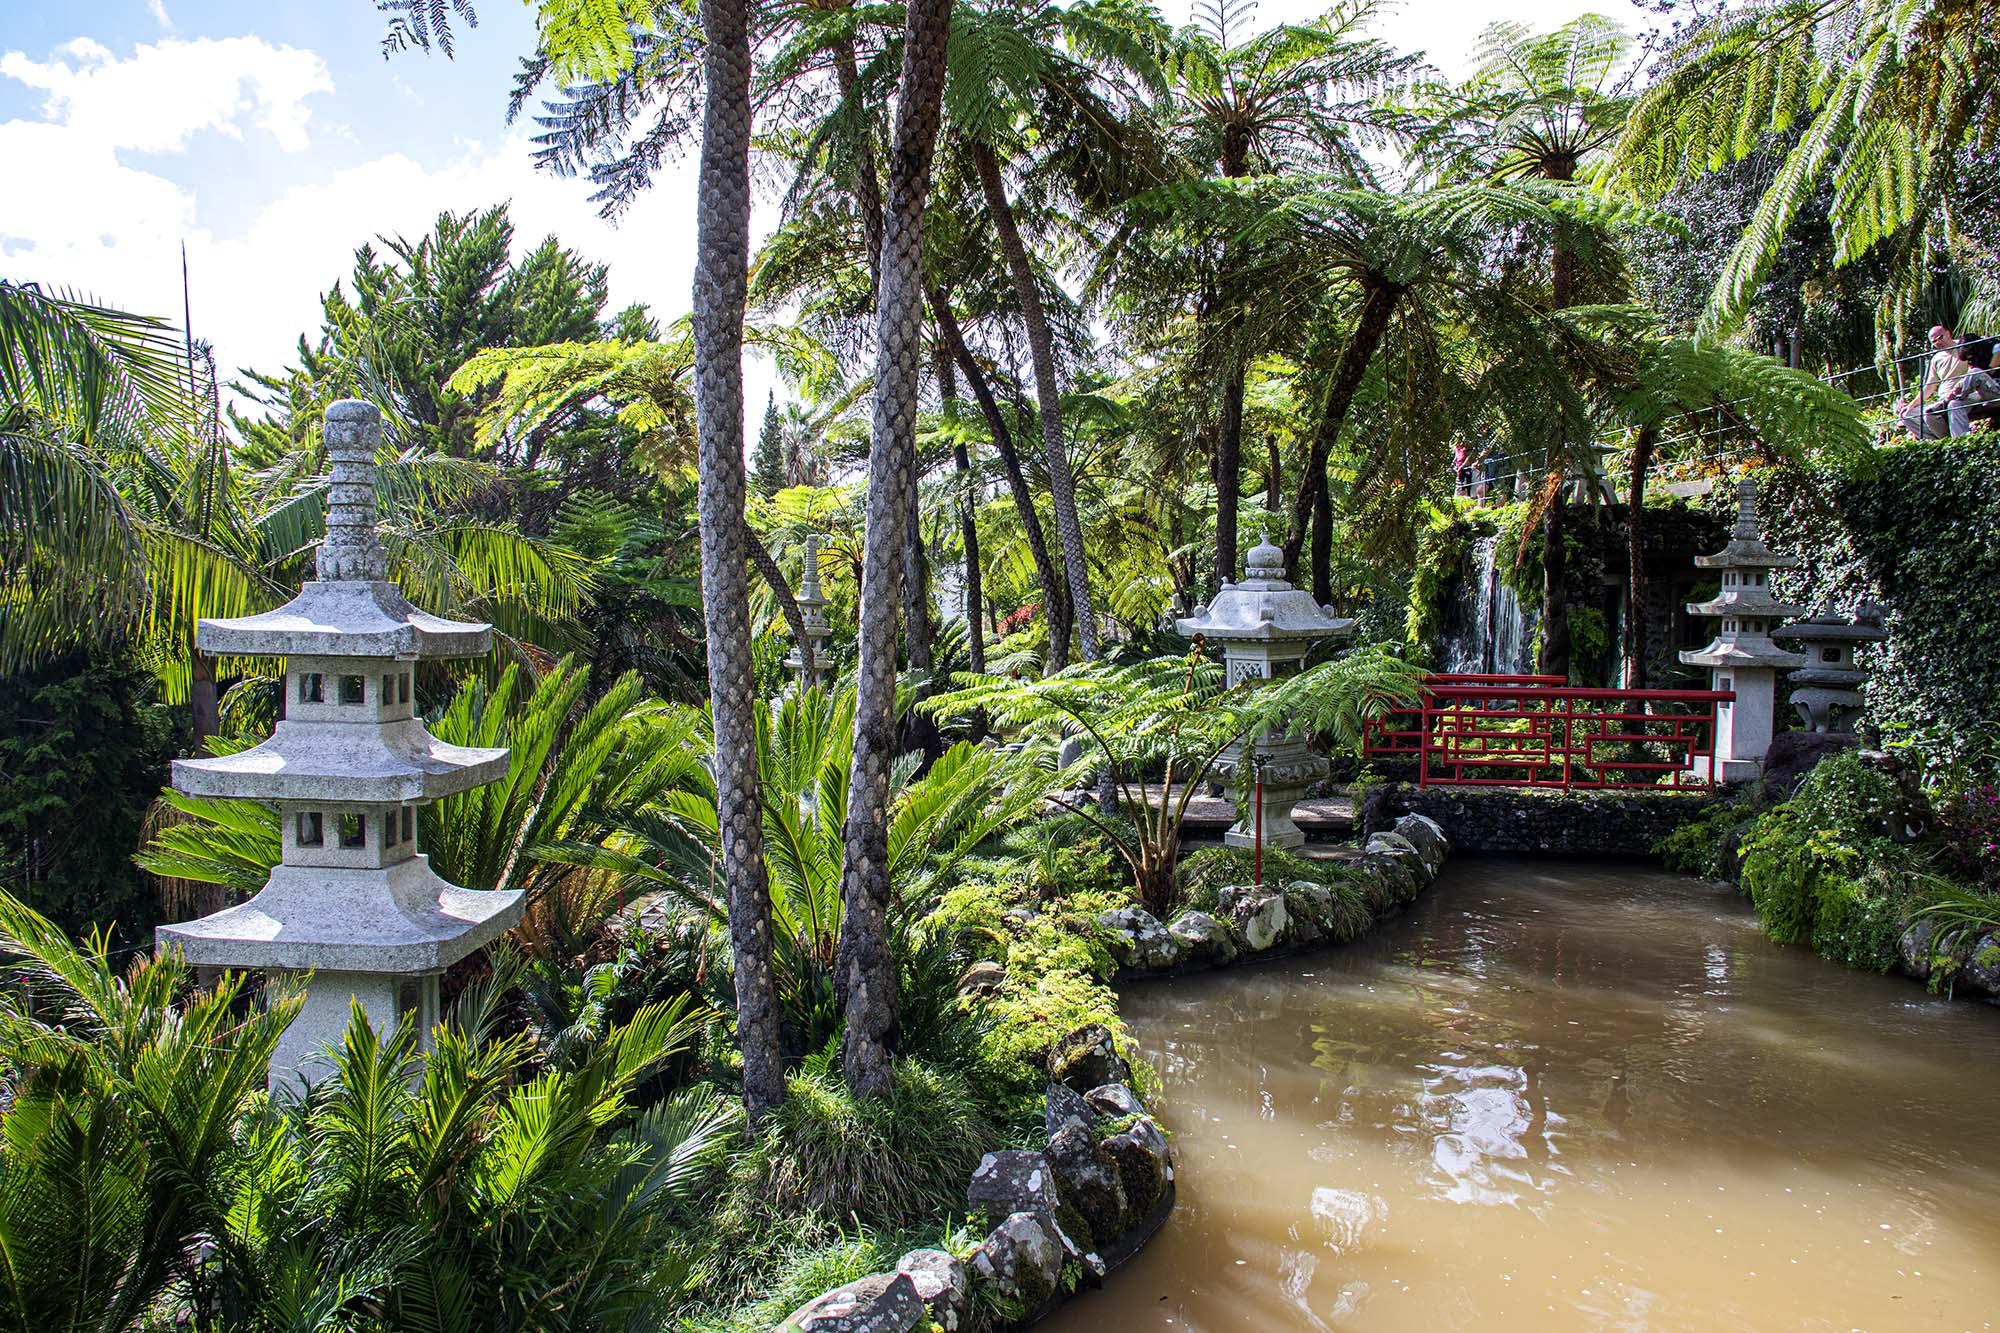 Lanterns in the Southern Oriental Garden